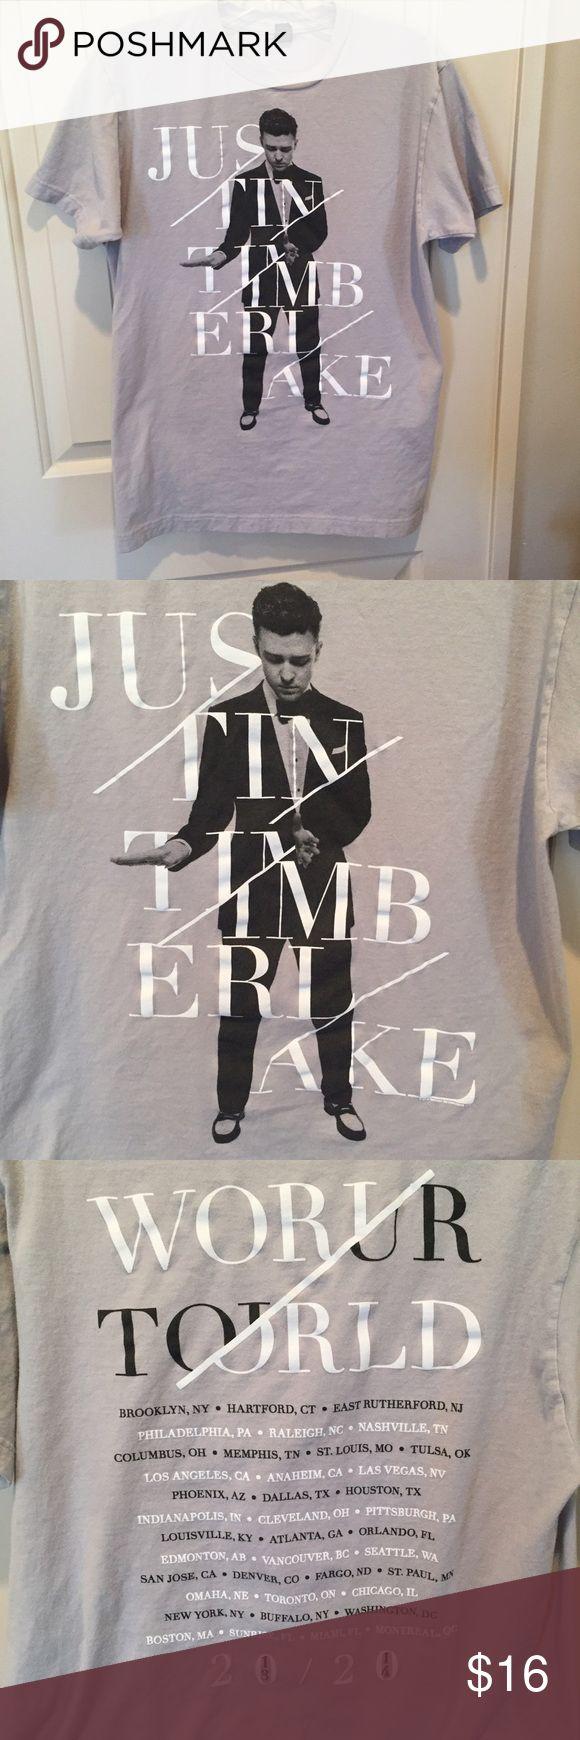 Justin Timberlake concert Tee Justin Timberlake 20/20 concert tshirt. Unisex size medium. Tops